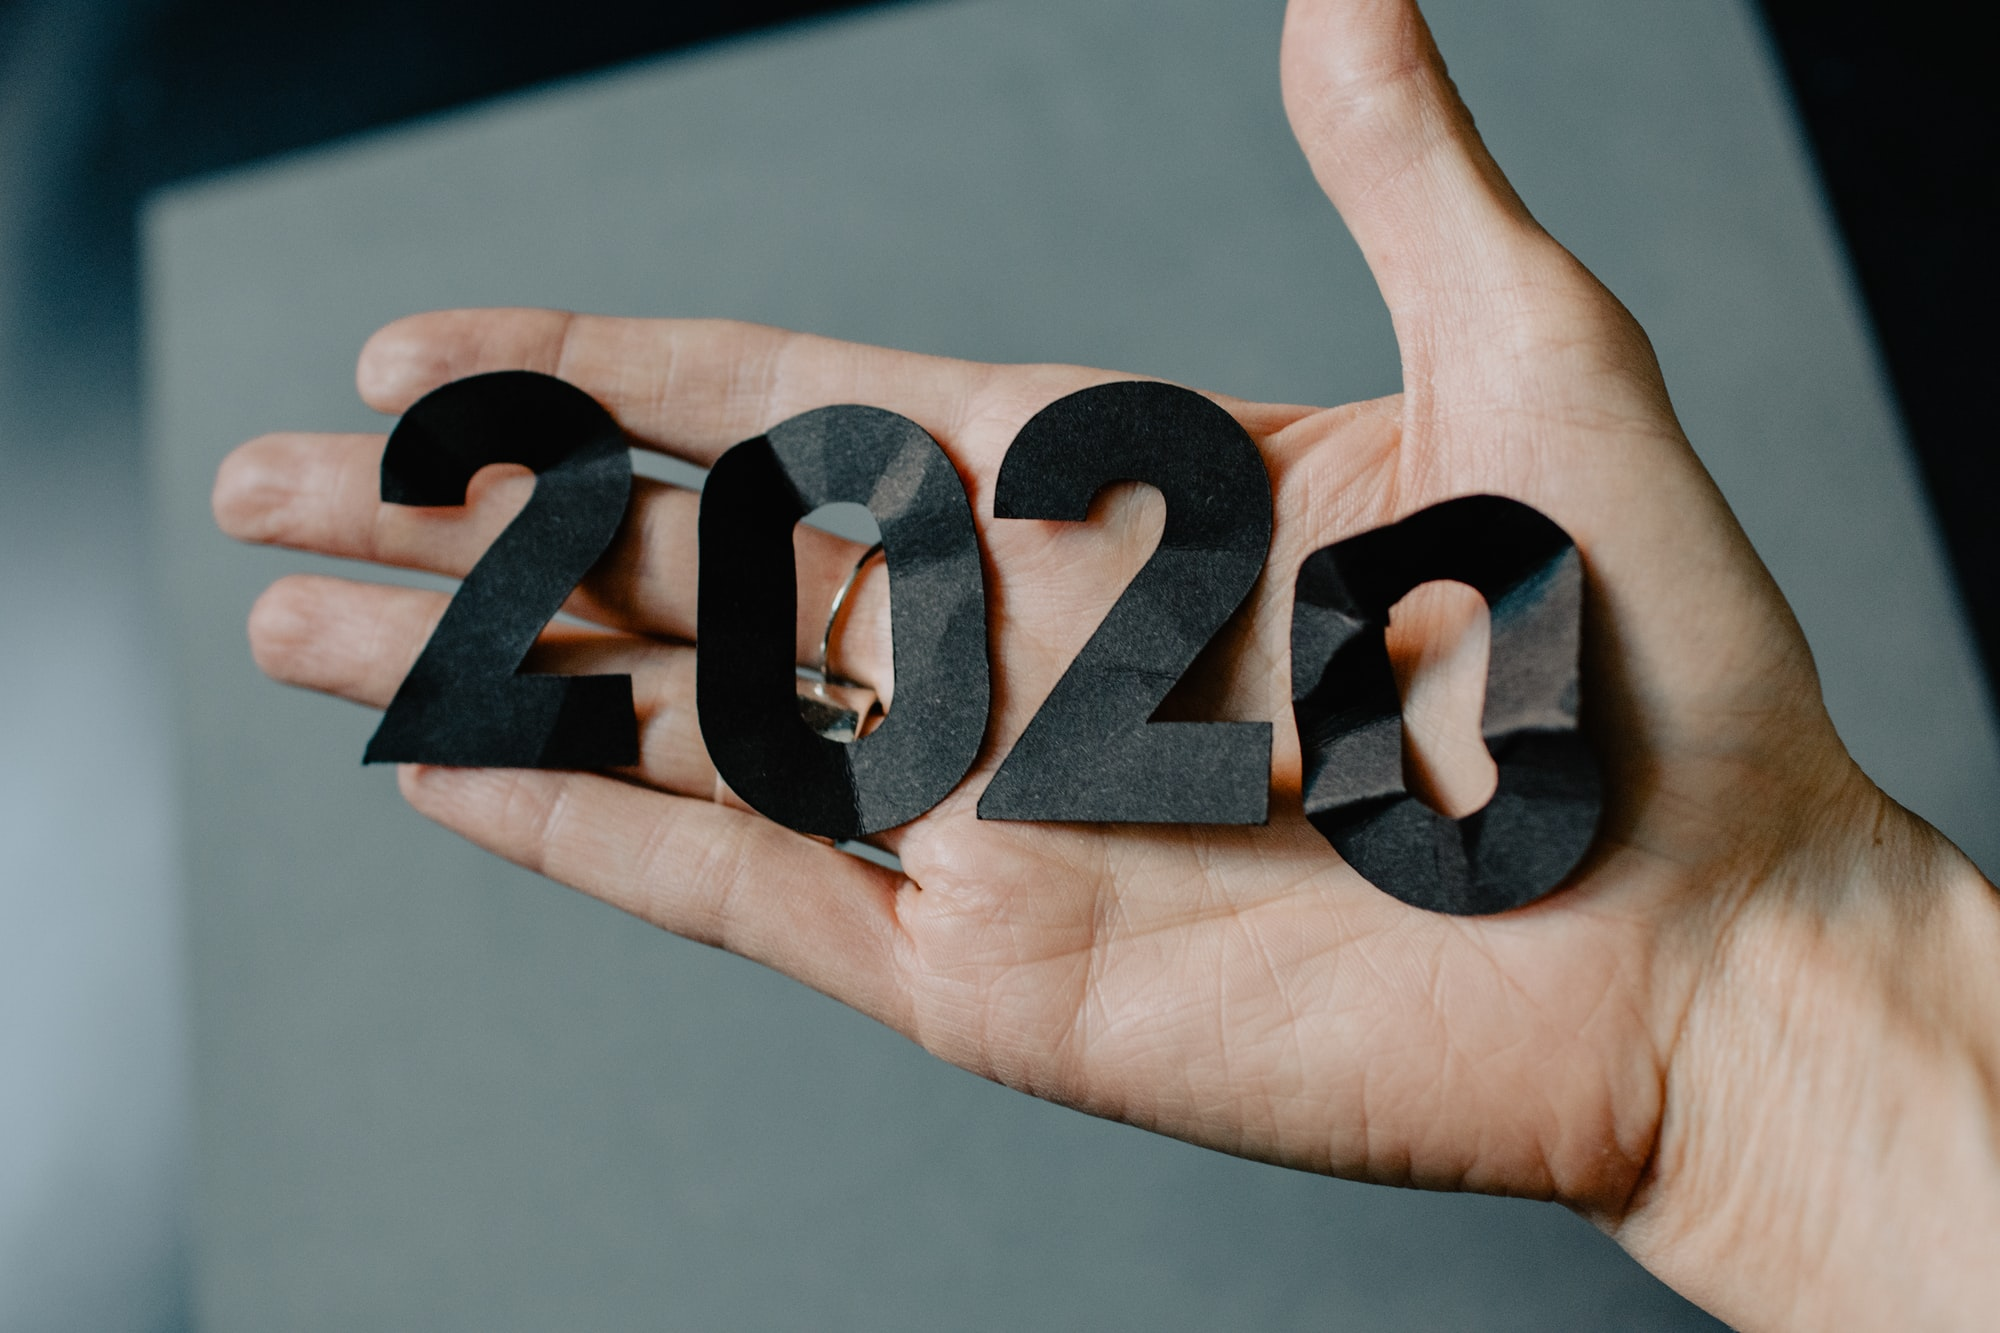 #WMR 28 December - 30 December 2020